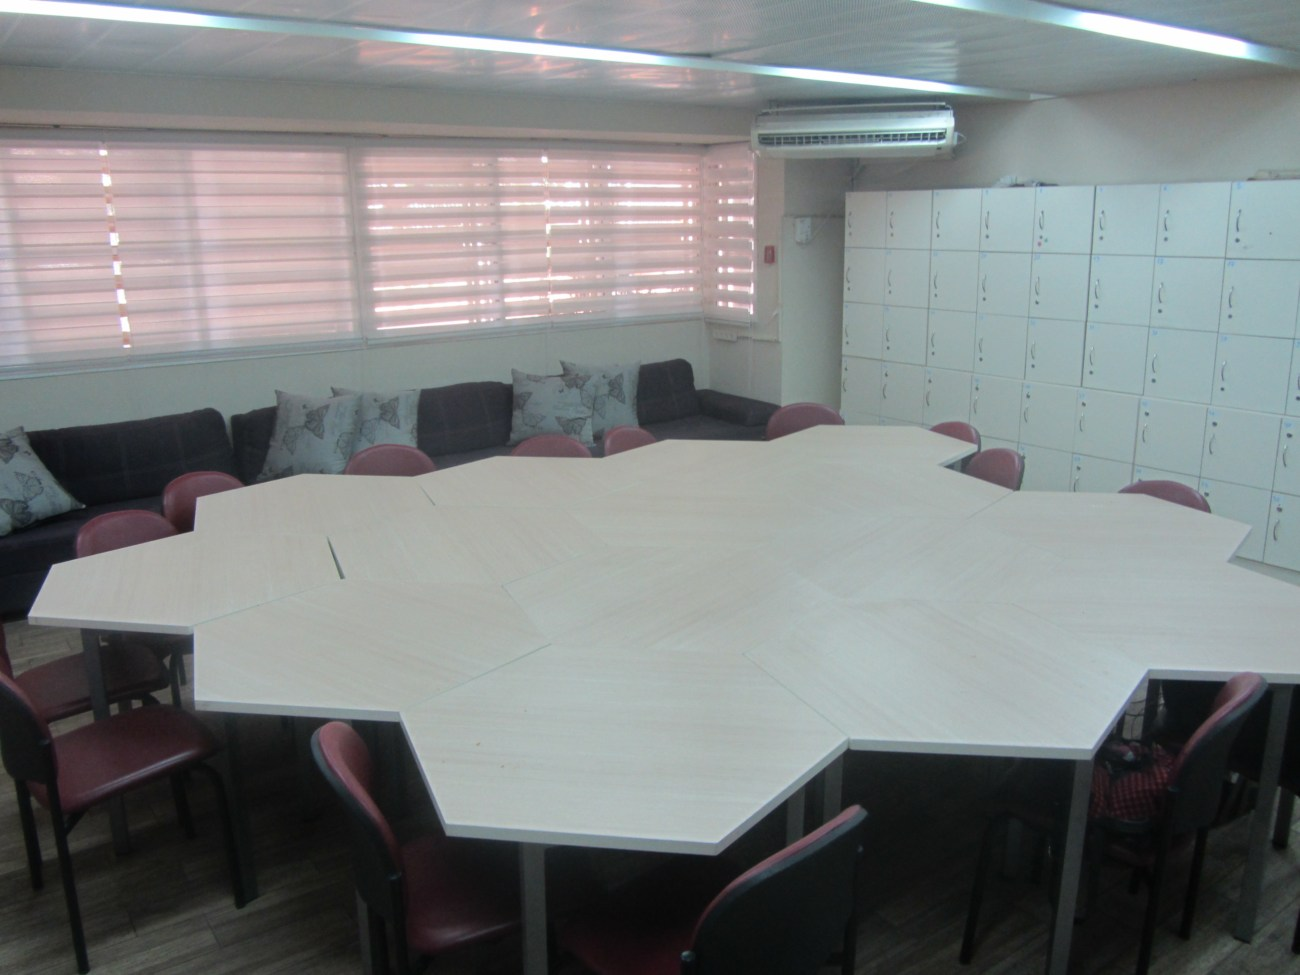 עיצוב חדר מורים | יש כיוון